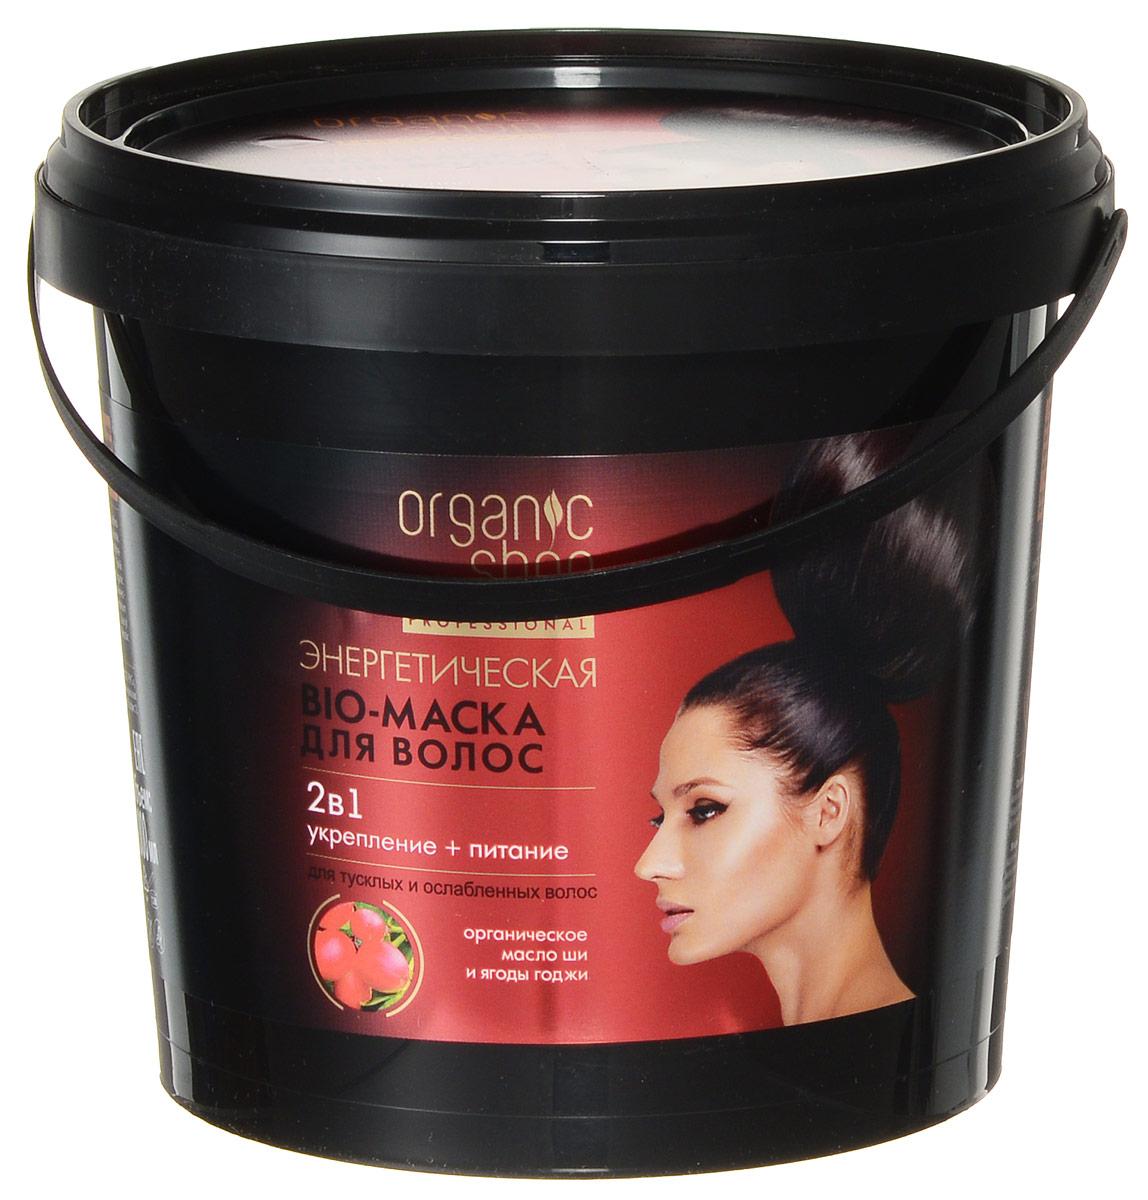 Organic Shop Professional Маска-био энергетическая для волос, 1000 мл